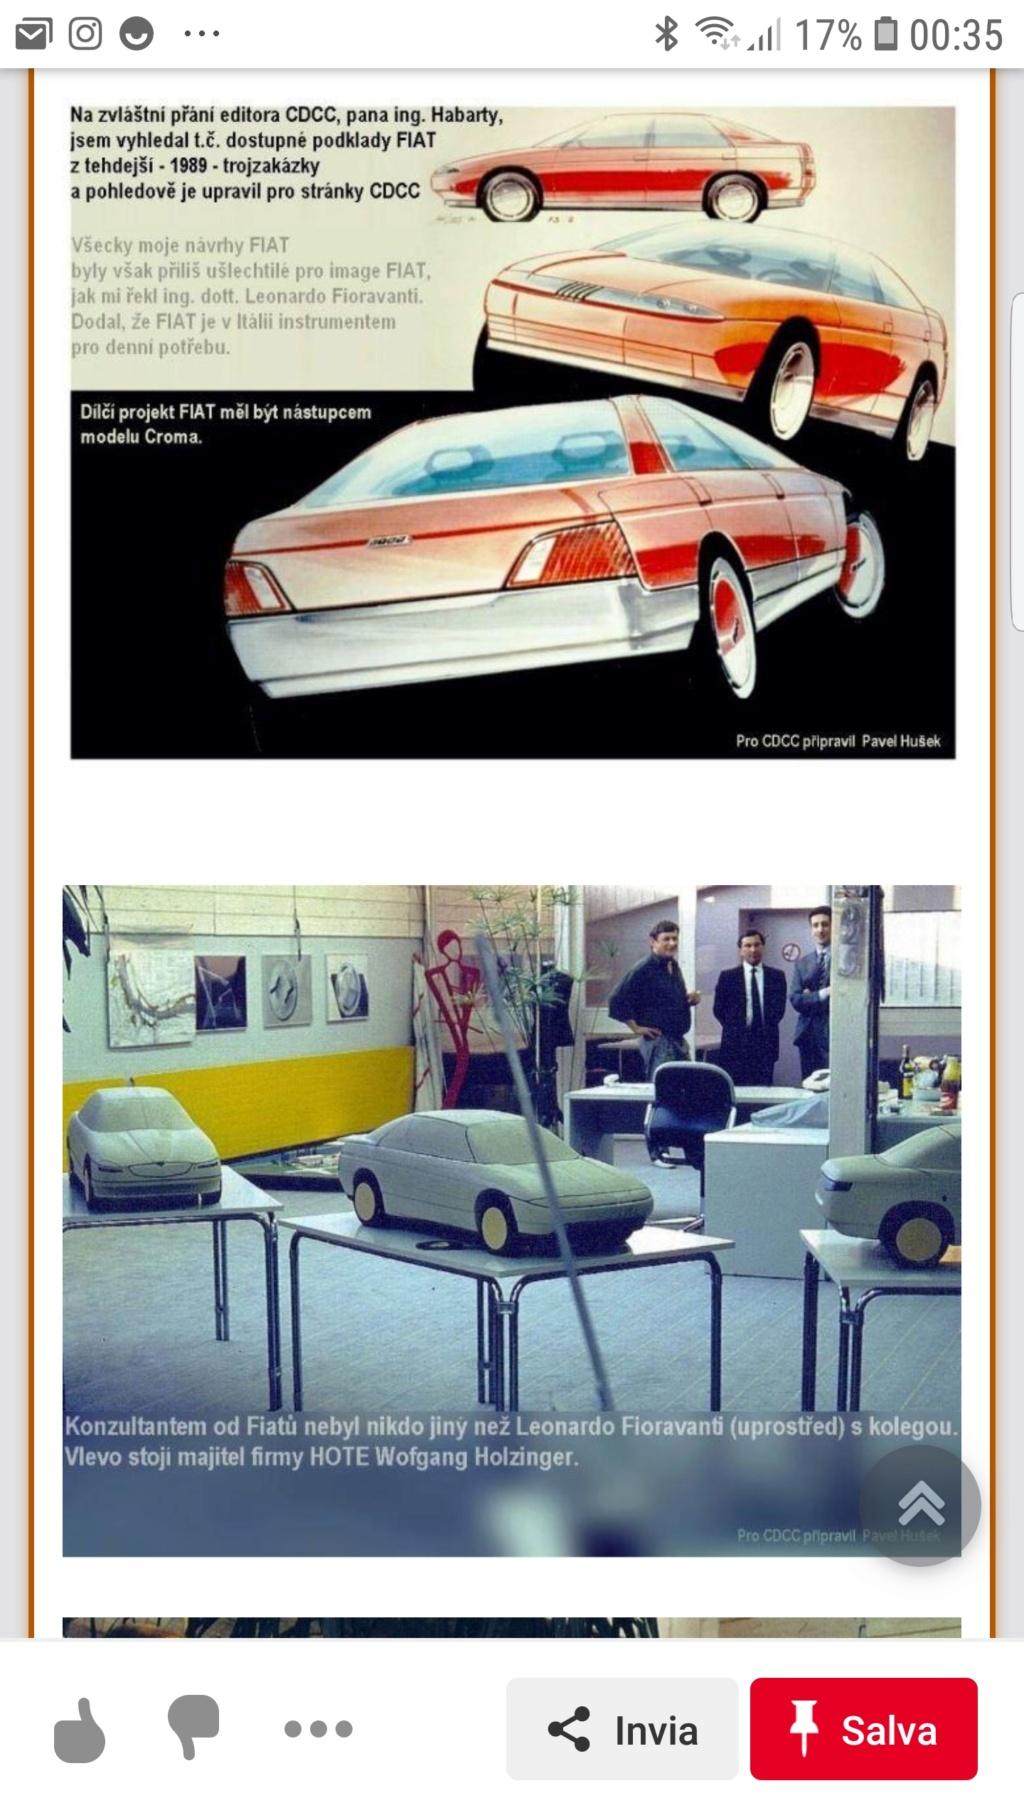 [Présentation] Le design par Fiat - Page 4 Screen15